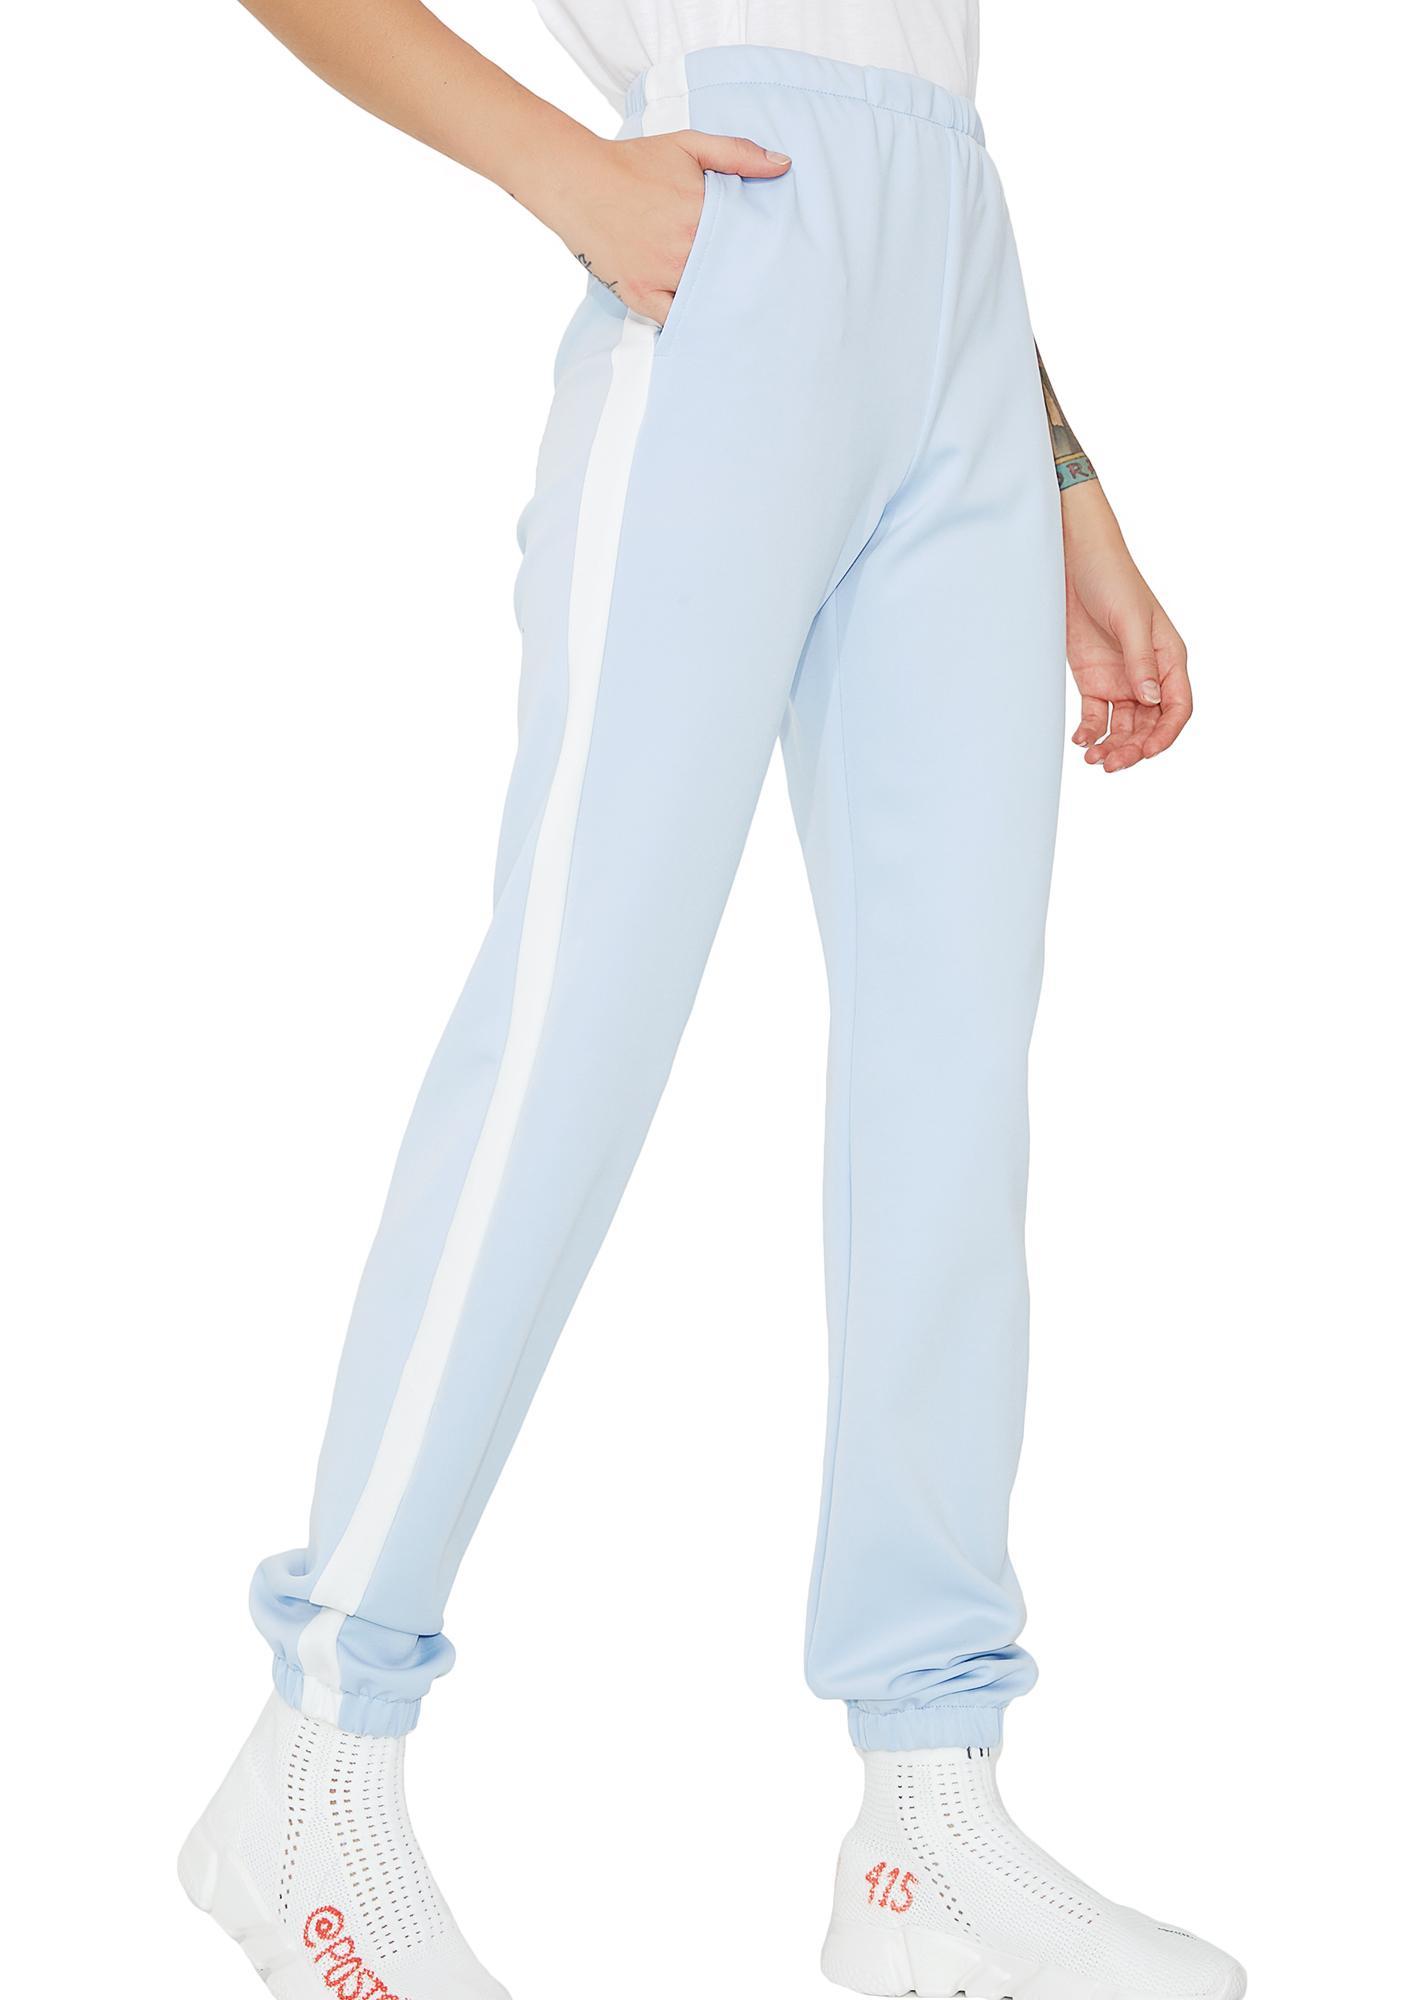 4f72a80a0 Striped Light Blue Jogger Sweatpants | Dolls Kill